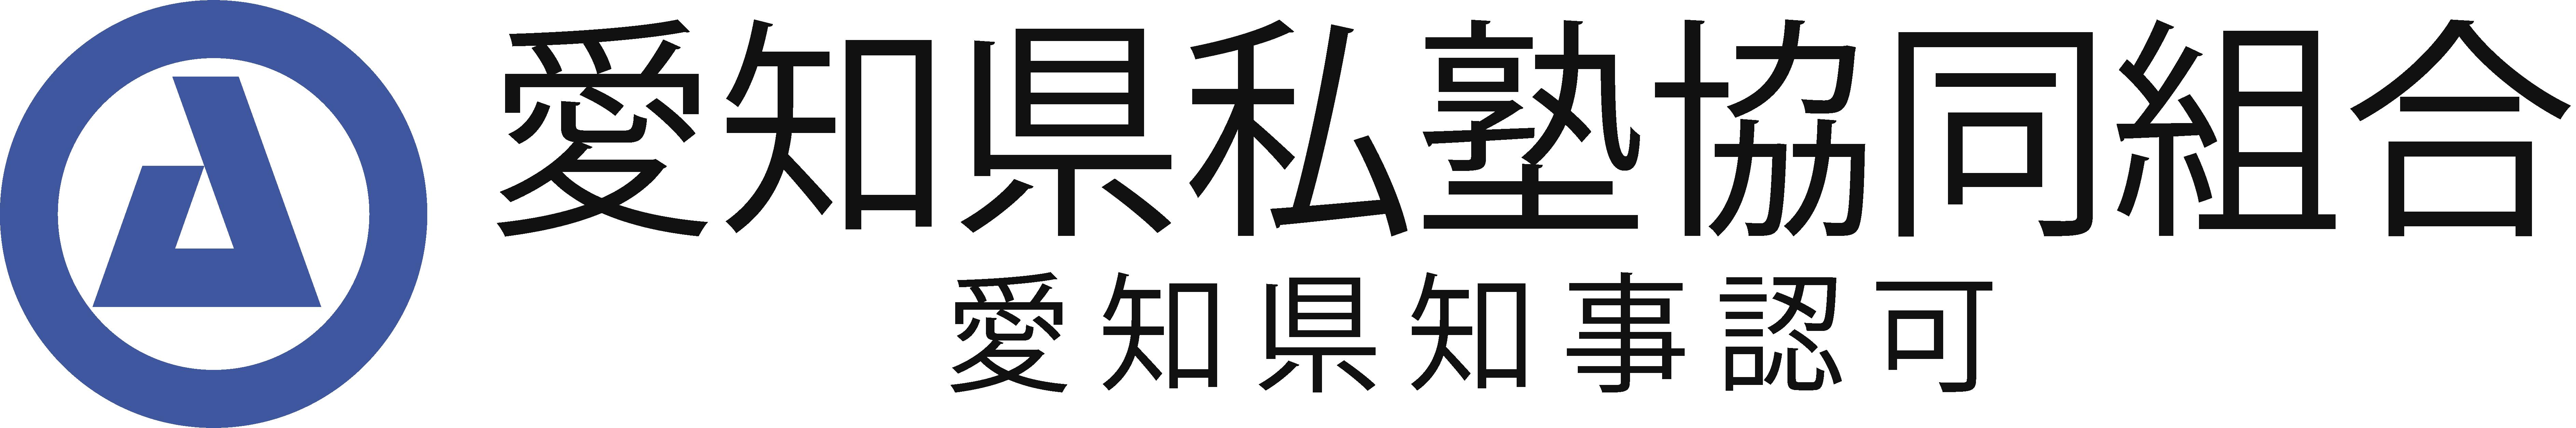 愛知県私塾協同組合